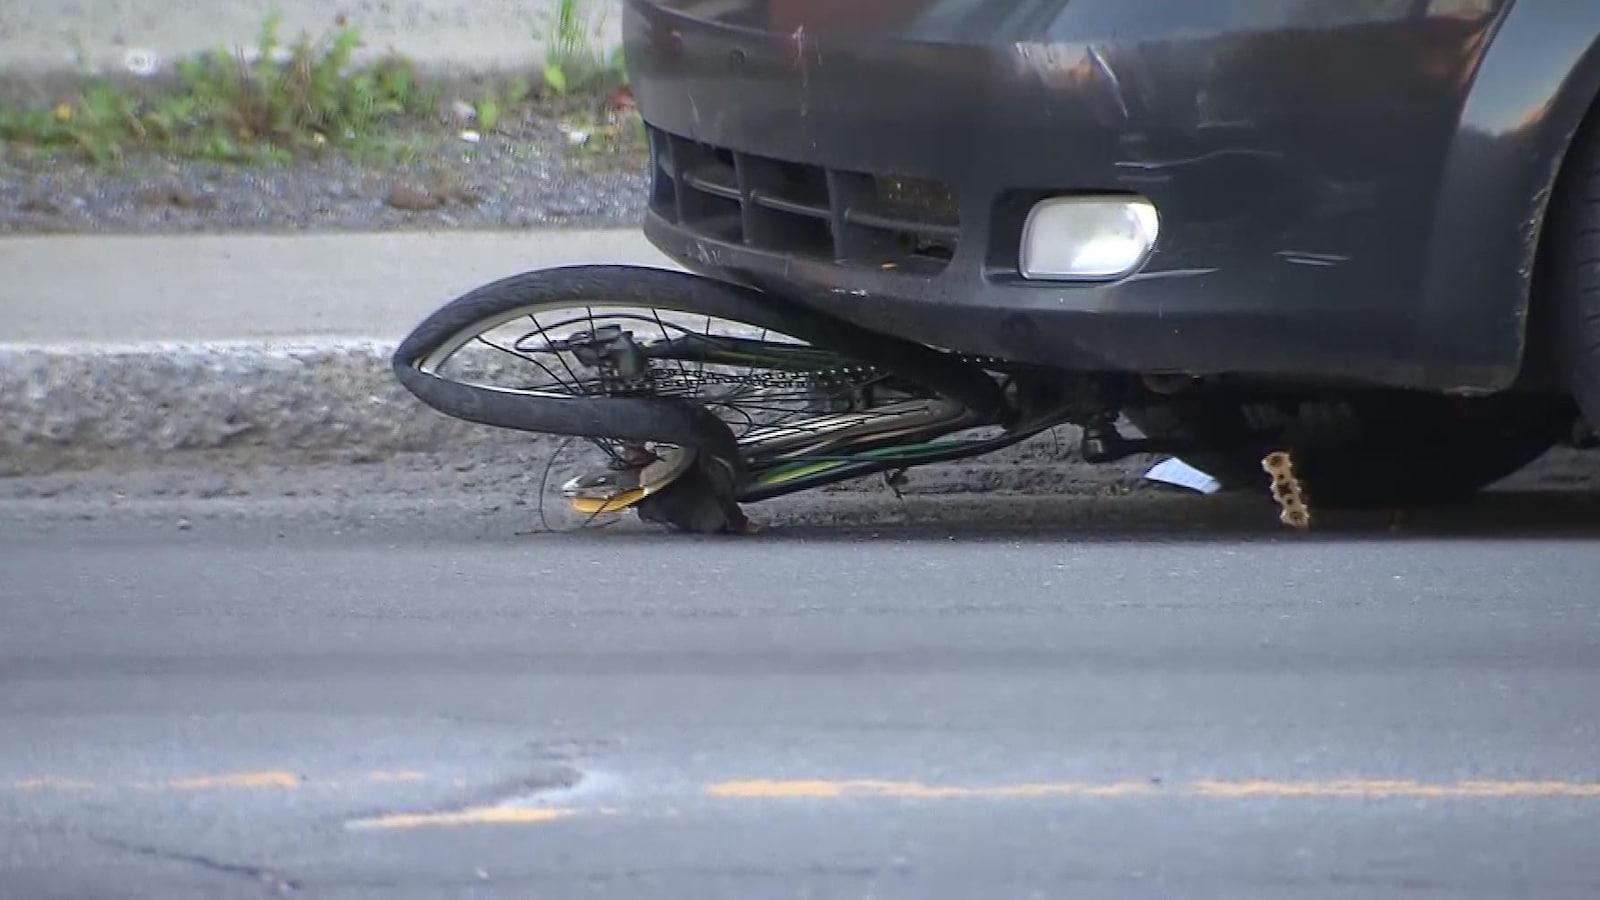 Le vélo est écrasé sous le devant de la voiture.